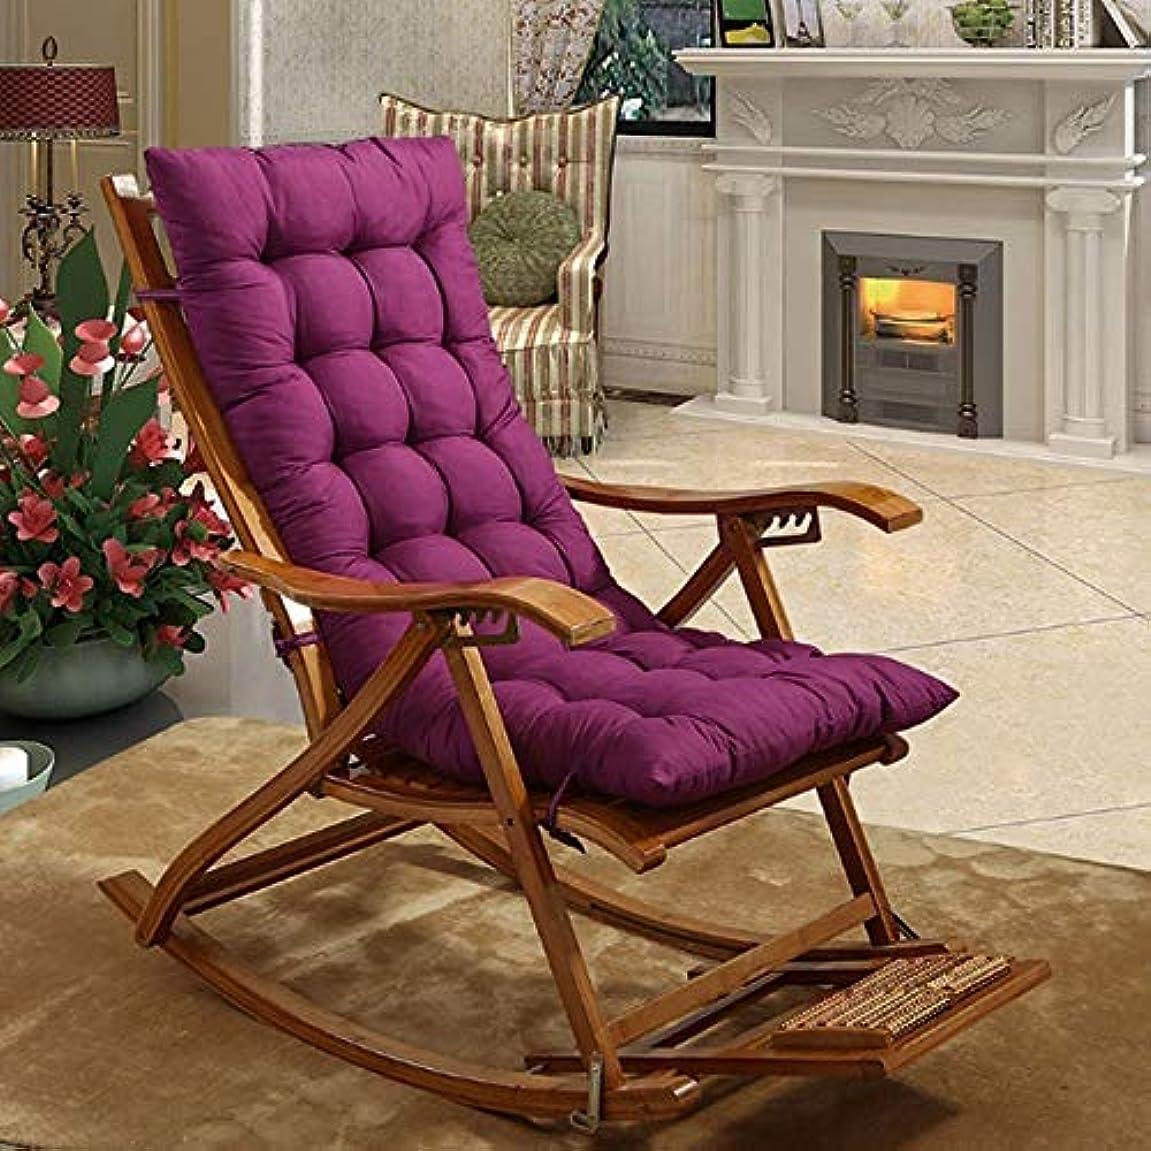 下品化粧ディスパッチLIFE 48 × 120 センチメートルベンチソファクッション装飾高品質ポリエステル繊維ジャー椅子のクッション暖かい快適な畳マットパッド クッション 椅子